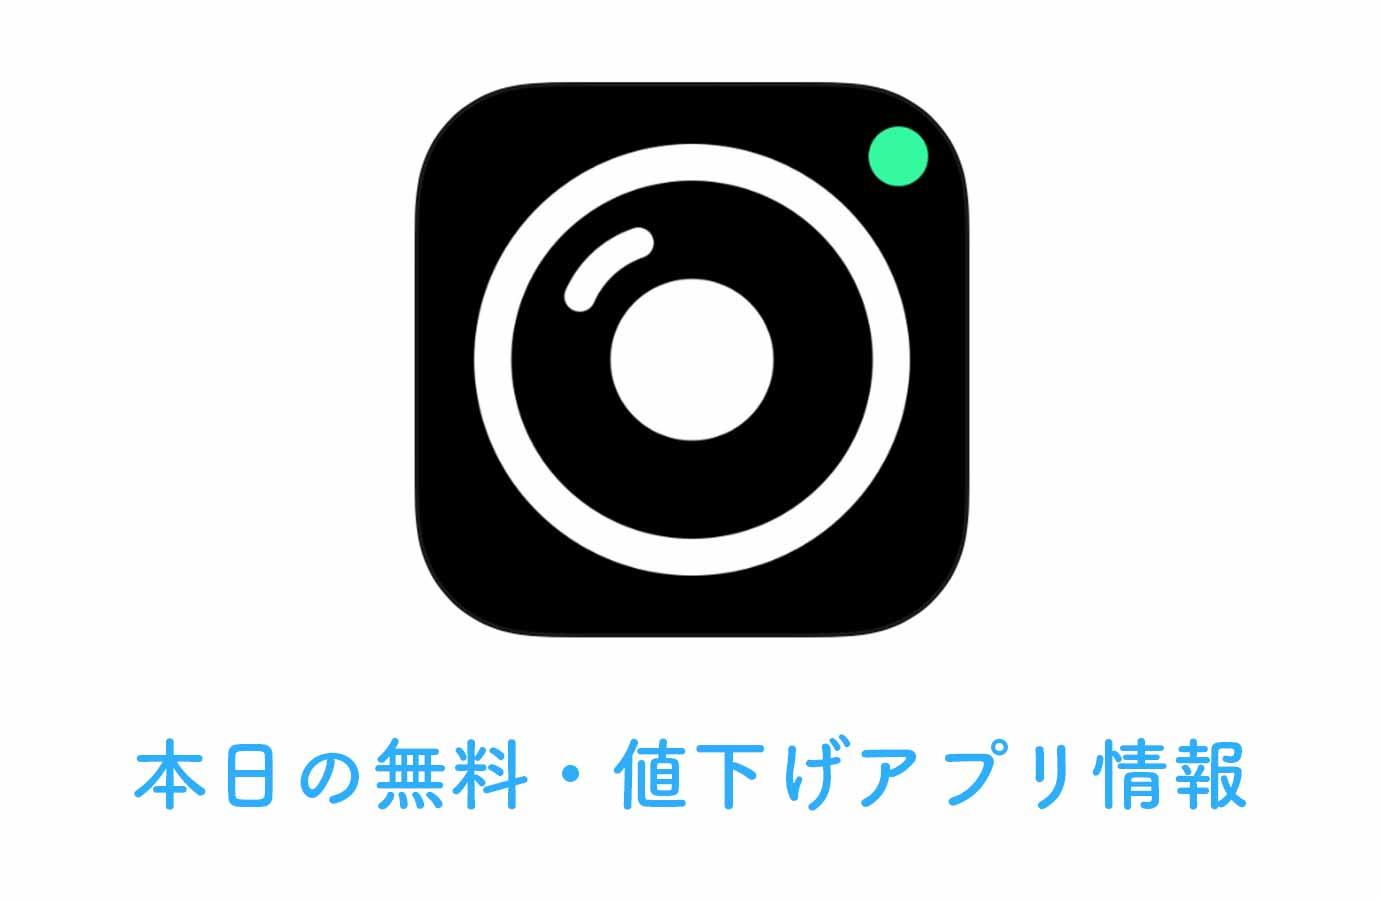 【240円→無料】美しいモノクロ写真を撮影できる「BlackCam」など【2/14】本日の無料・値下げアプリ情報